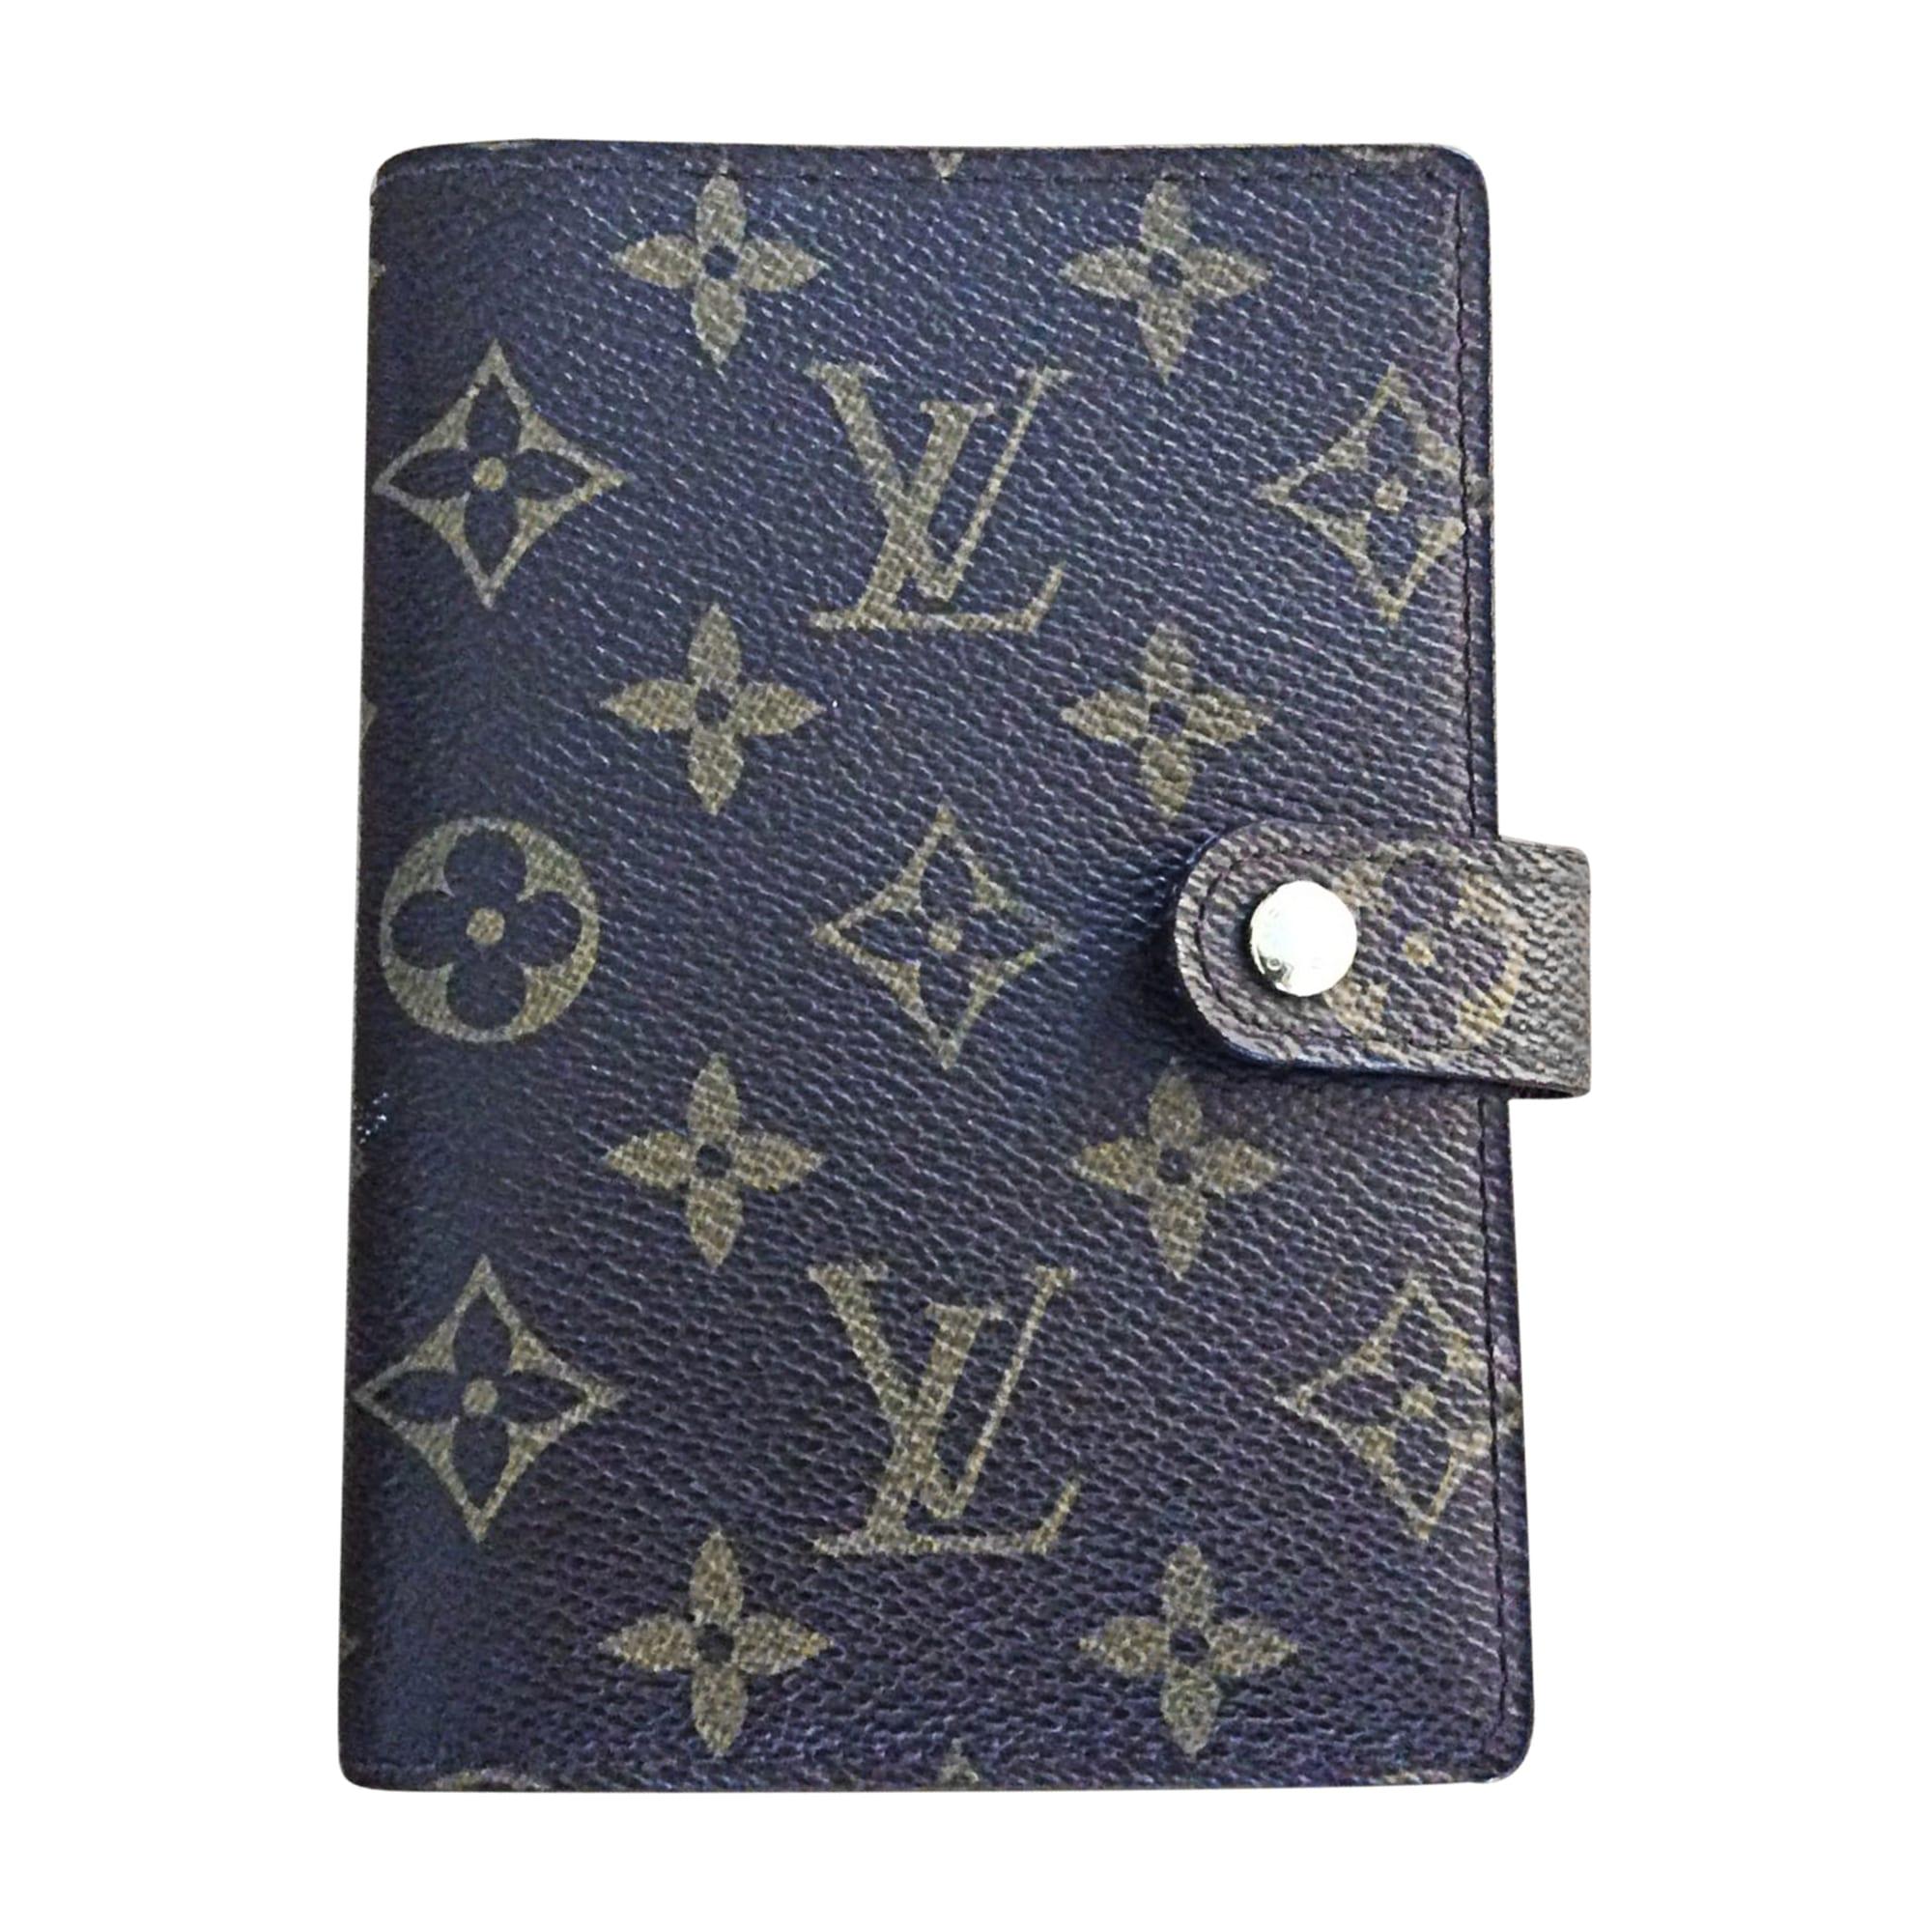 Porte-cartes LOUIS VUITTON marron - 8223466 dfc81a97d88